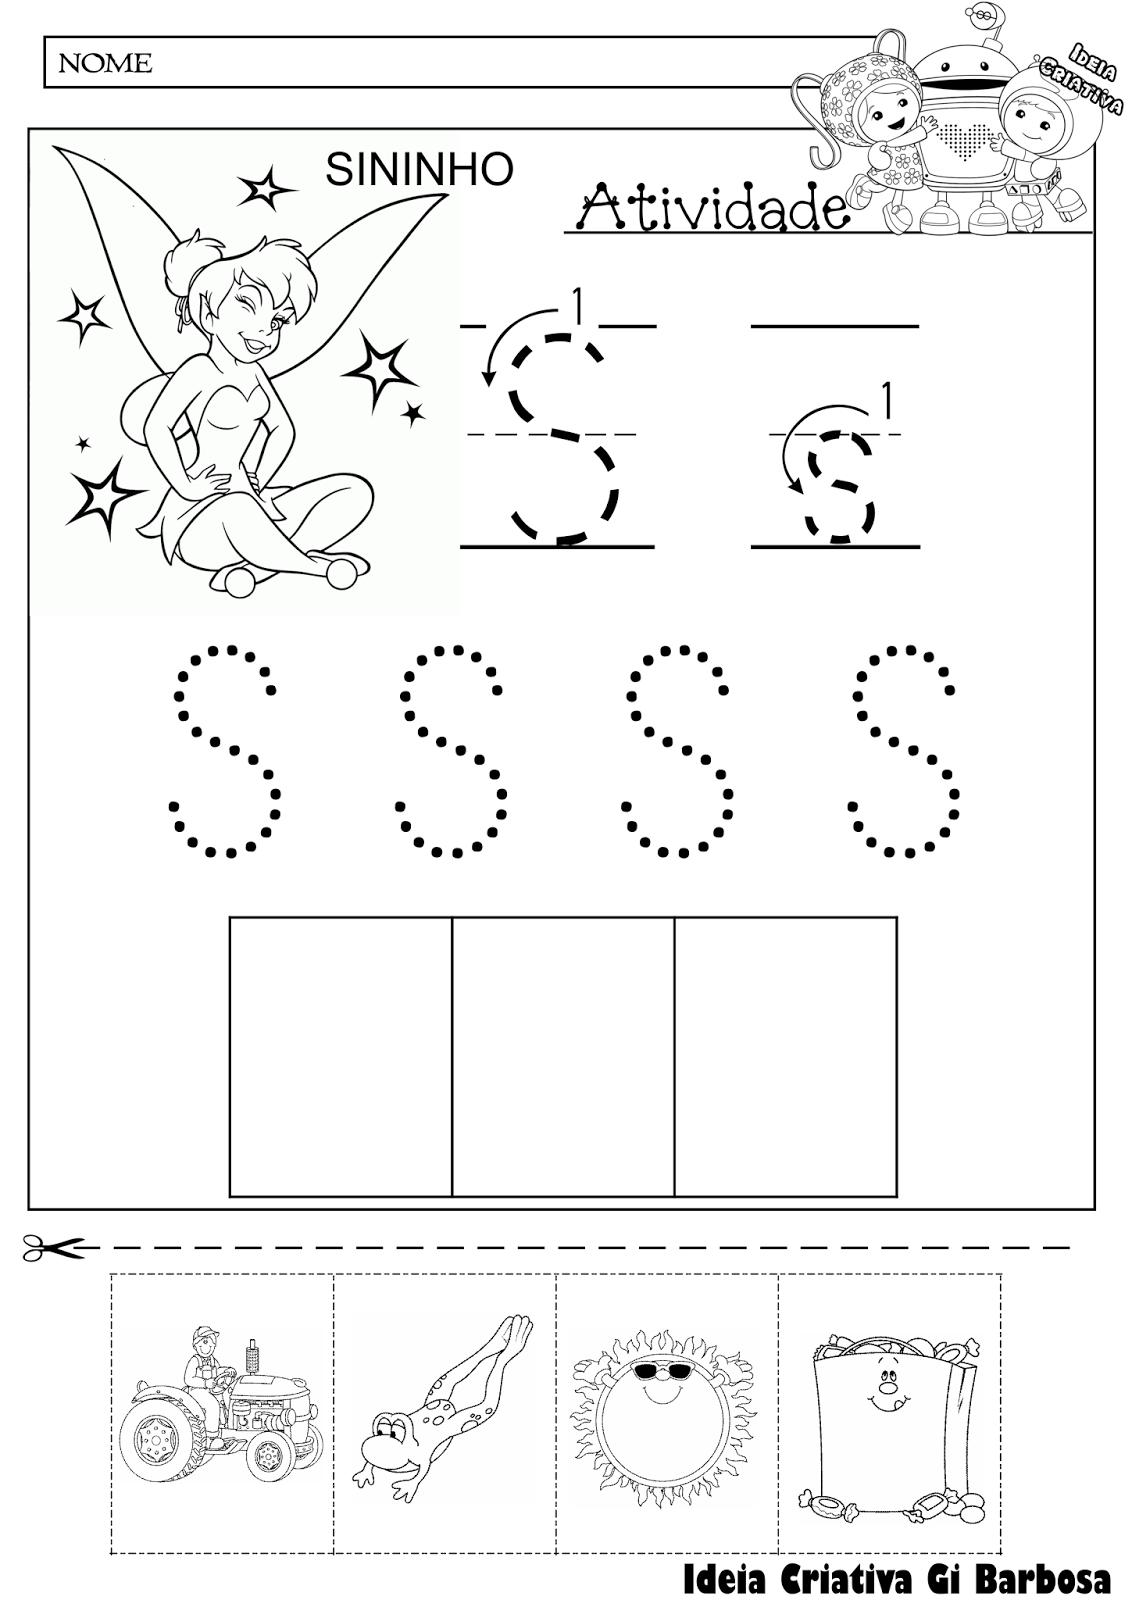 Atividade letra S pontilhado com seta e corte recorte educativo